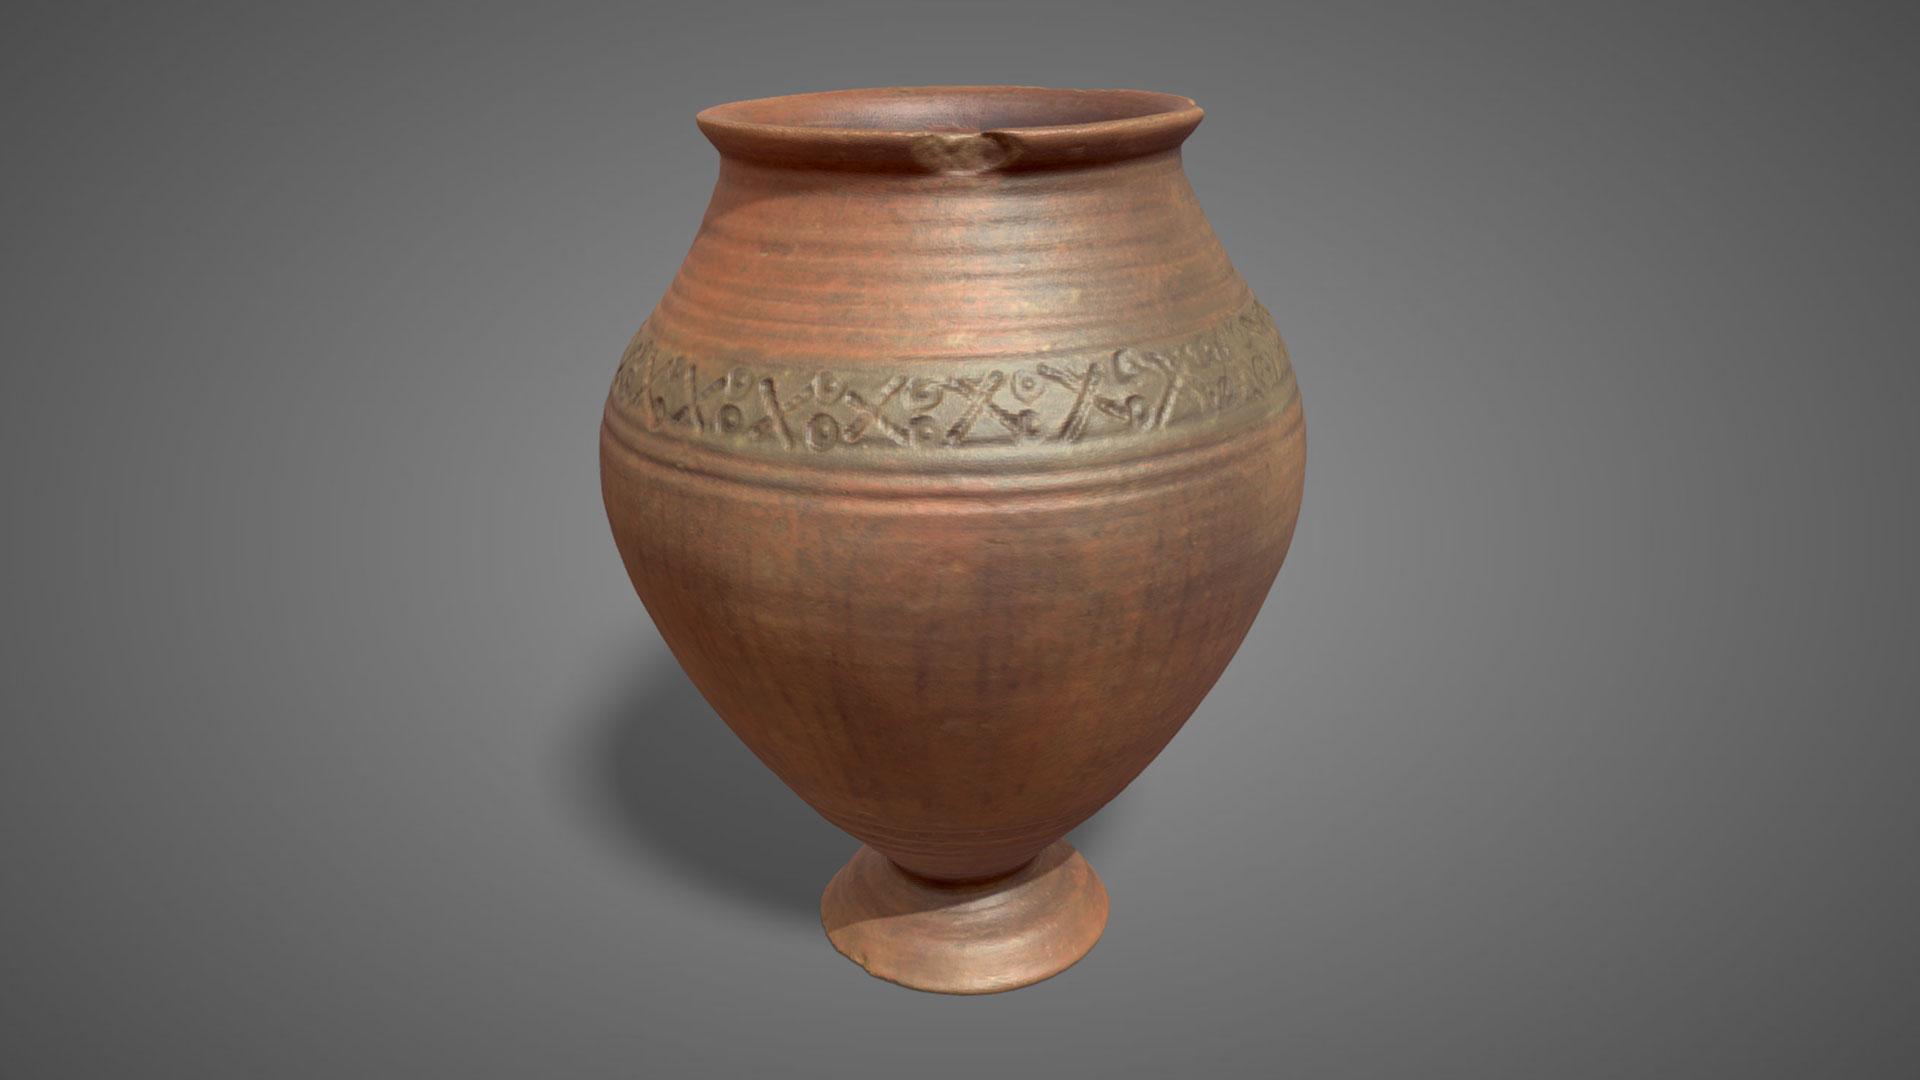 Vaso in terracotta | Ceramic pot - 3D Model